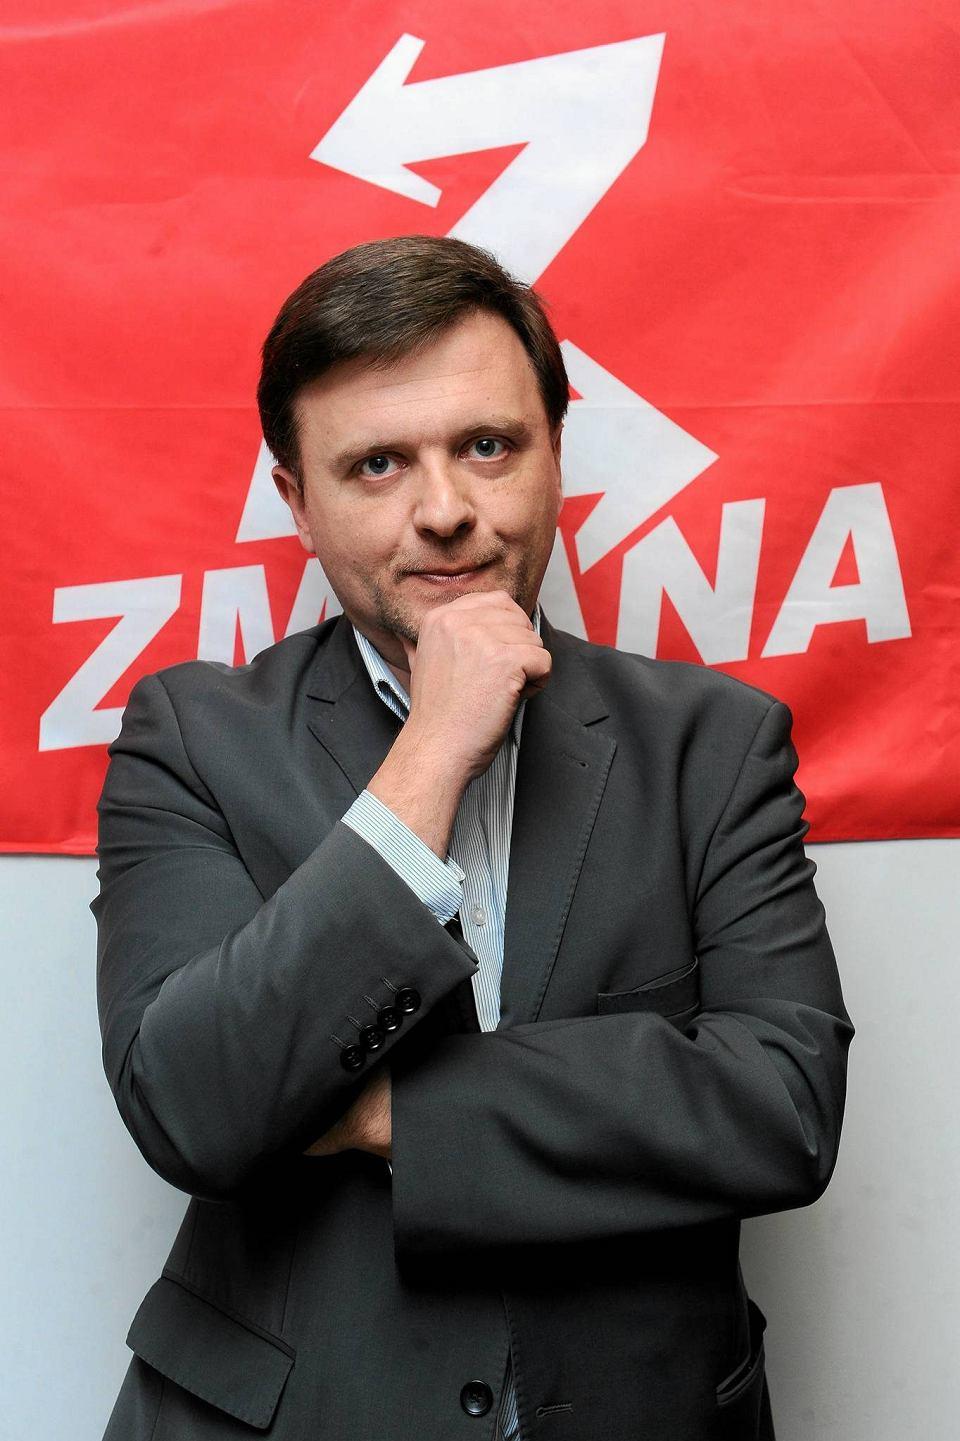 Zdjęcie numer 2 w galerii - Jawny szpieg z partii Zmiana. Dlaczego zatrzymano Mateusza Piskorskiego?